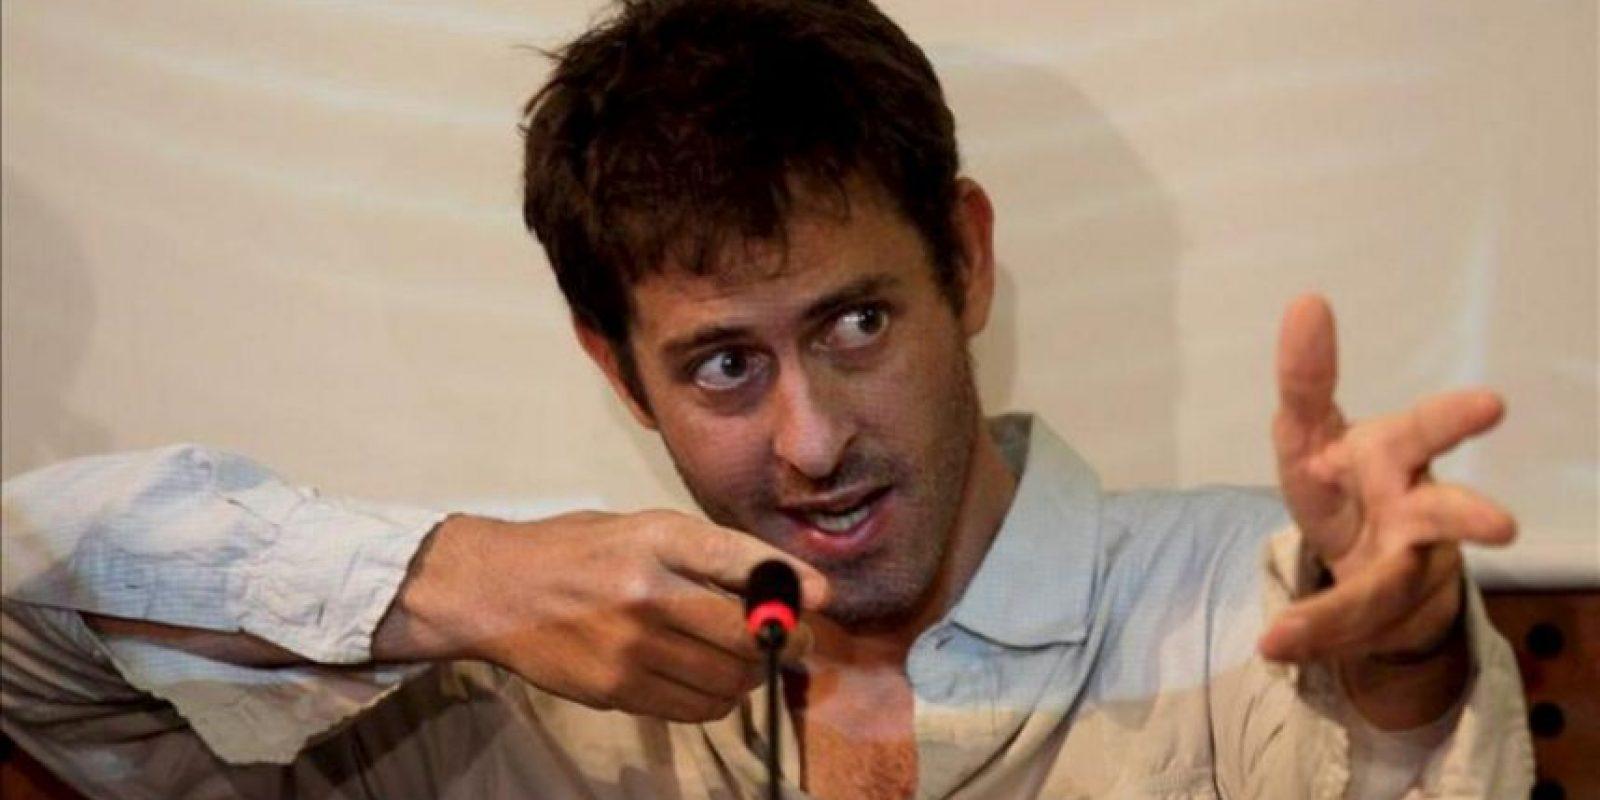 El periodista francés Roméo Langlois habla en Bogotá (Colombia), durante una rueda de prensa en la Embajada francesa. EFE